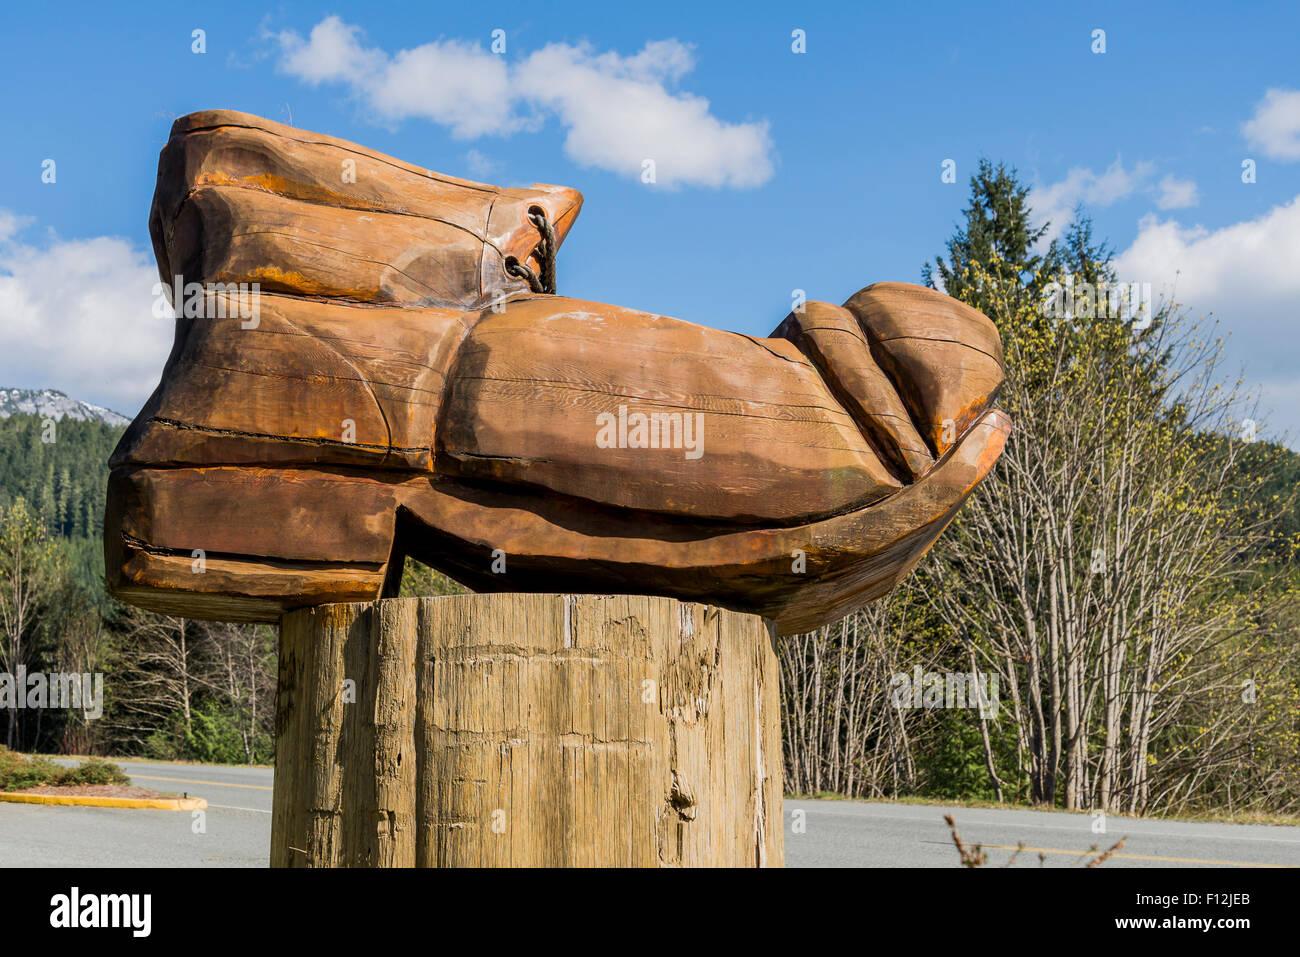 Gran arranque senderismo carving, Río de Oro, en la isla de Vancouver, British Columbia, Canadá Imagen De Stock